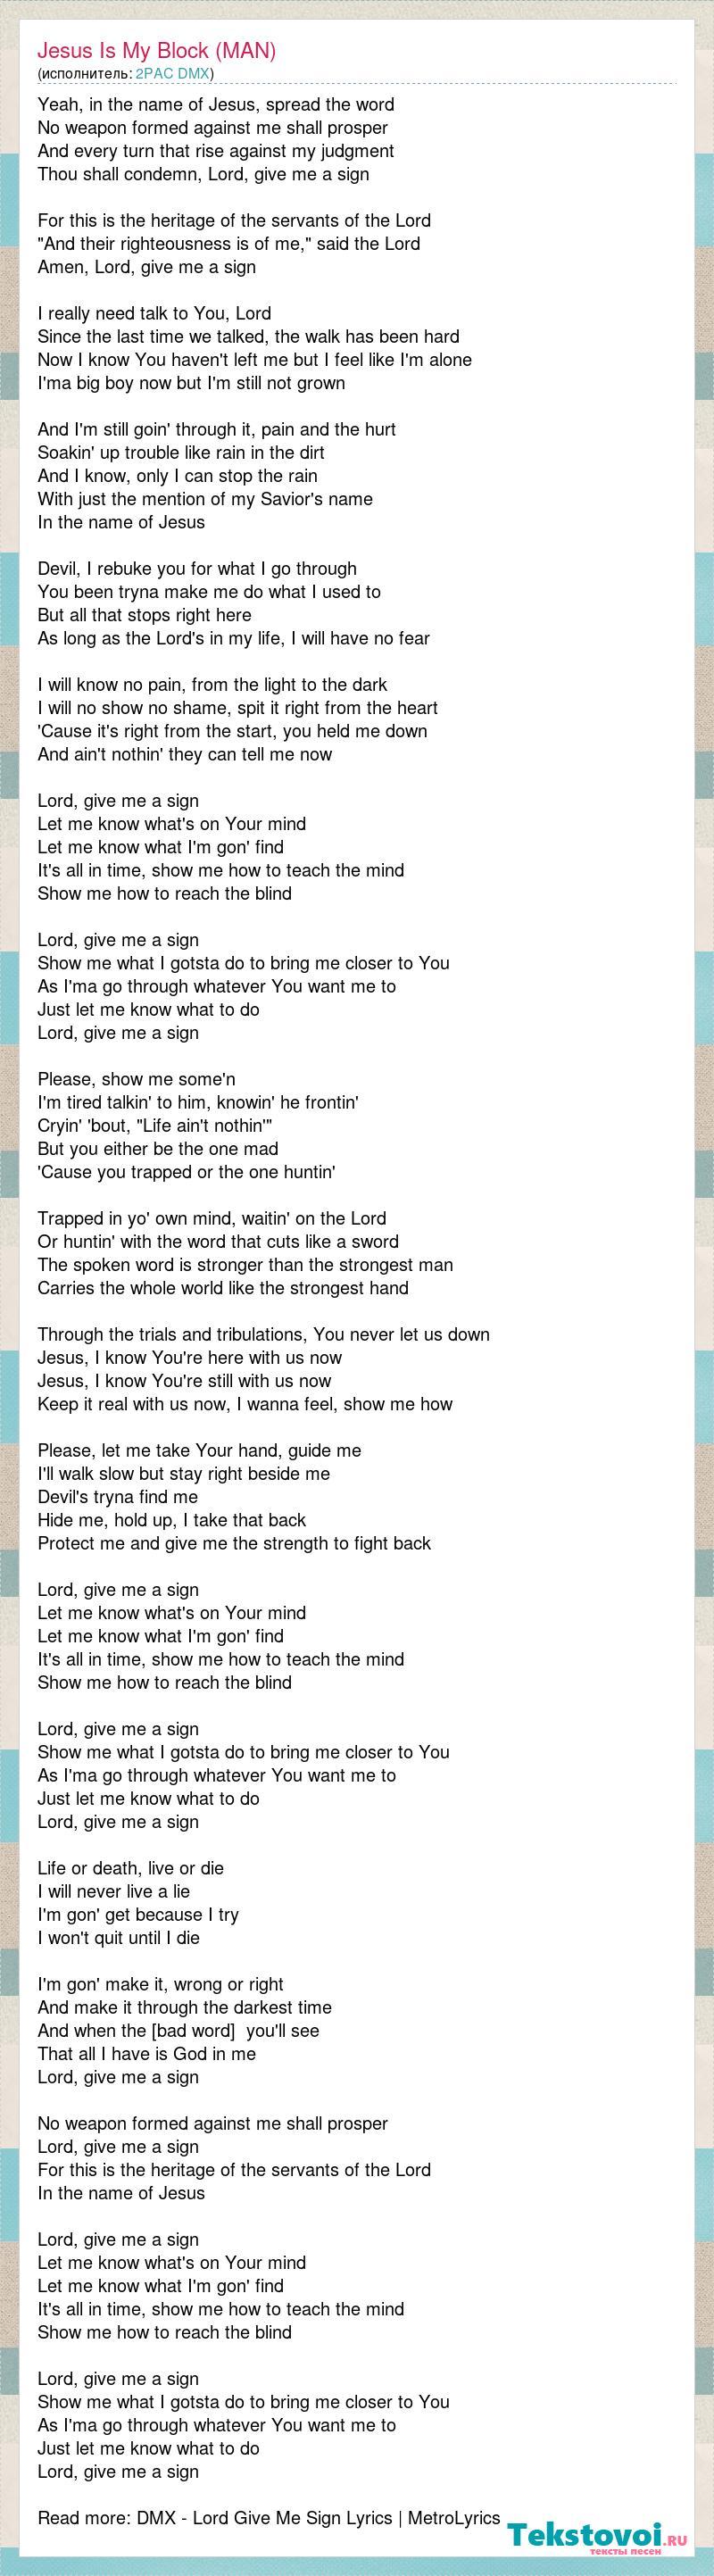 online hier großer Abverkauf gute Qualität 2PAC DMX: Jesus Is My Block (MAN) слова песни